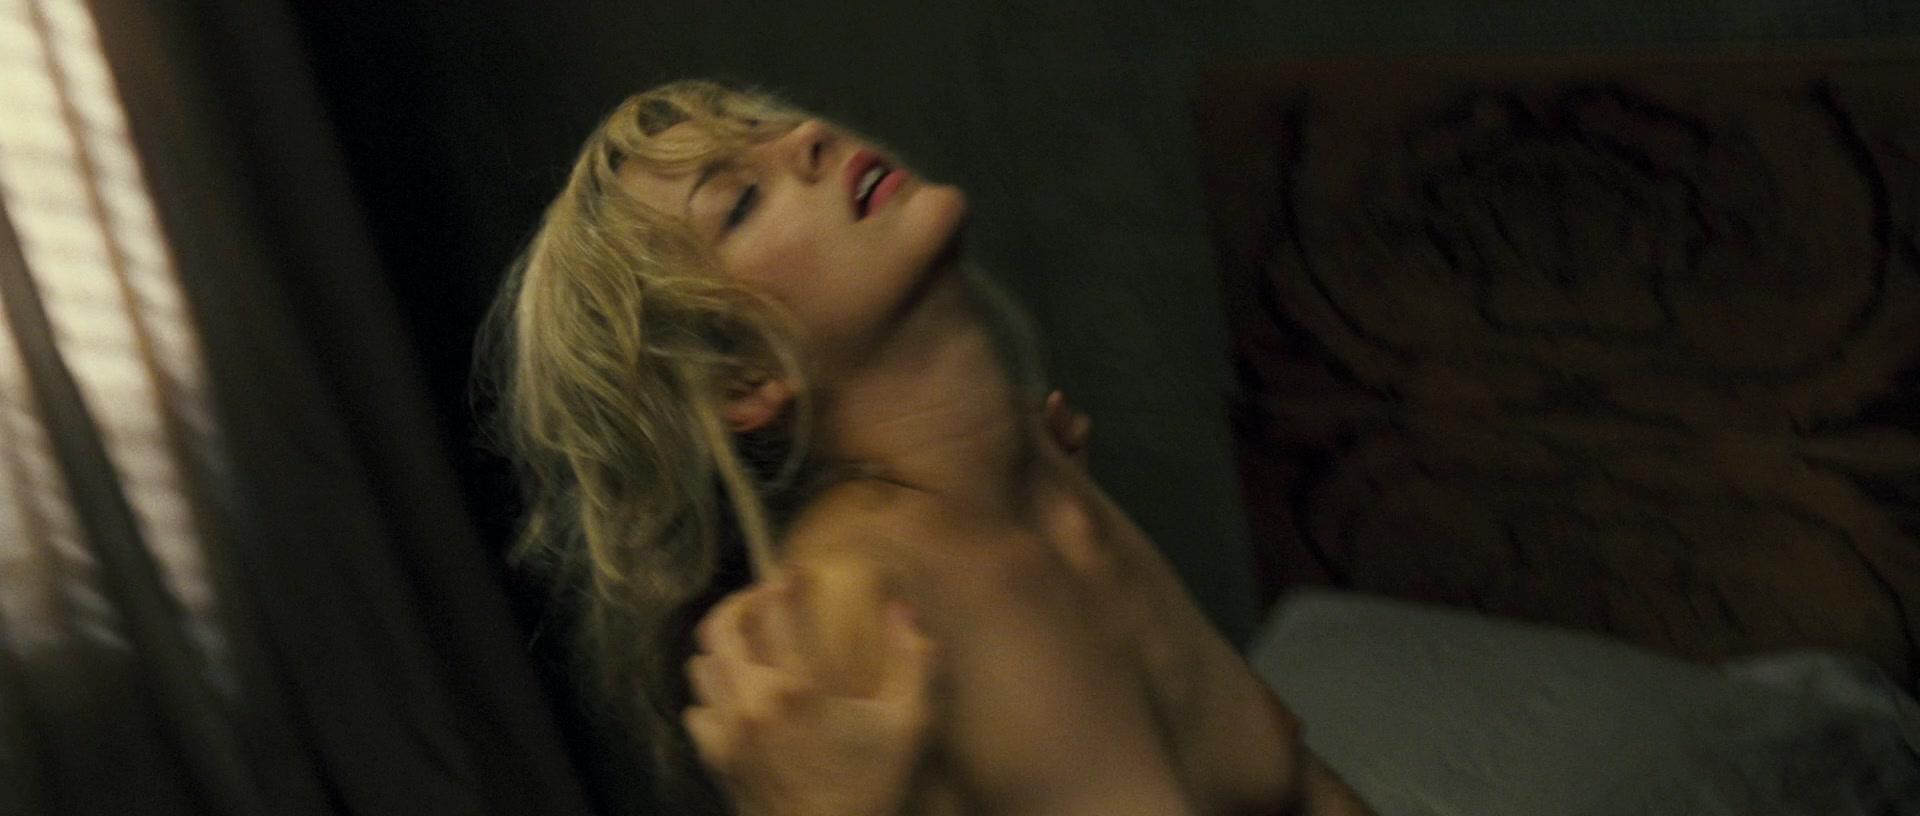 La Noire Nude Scenes